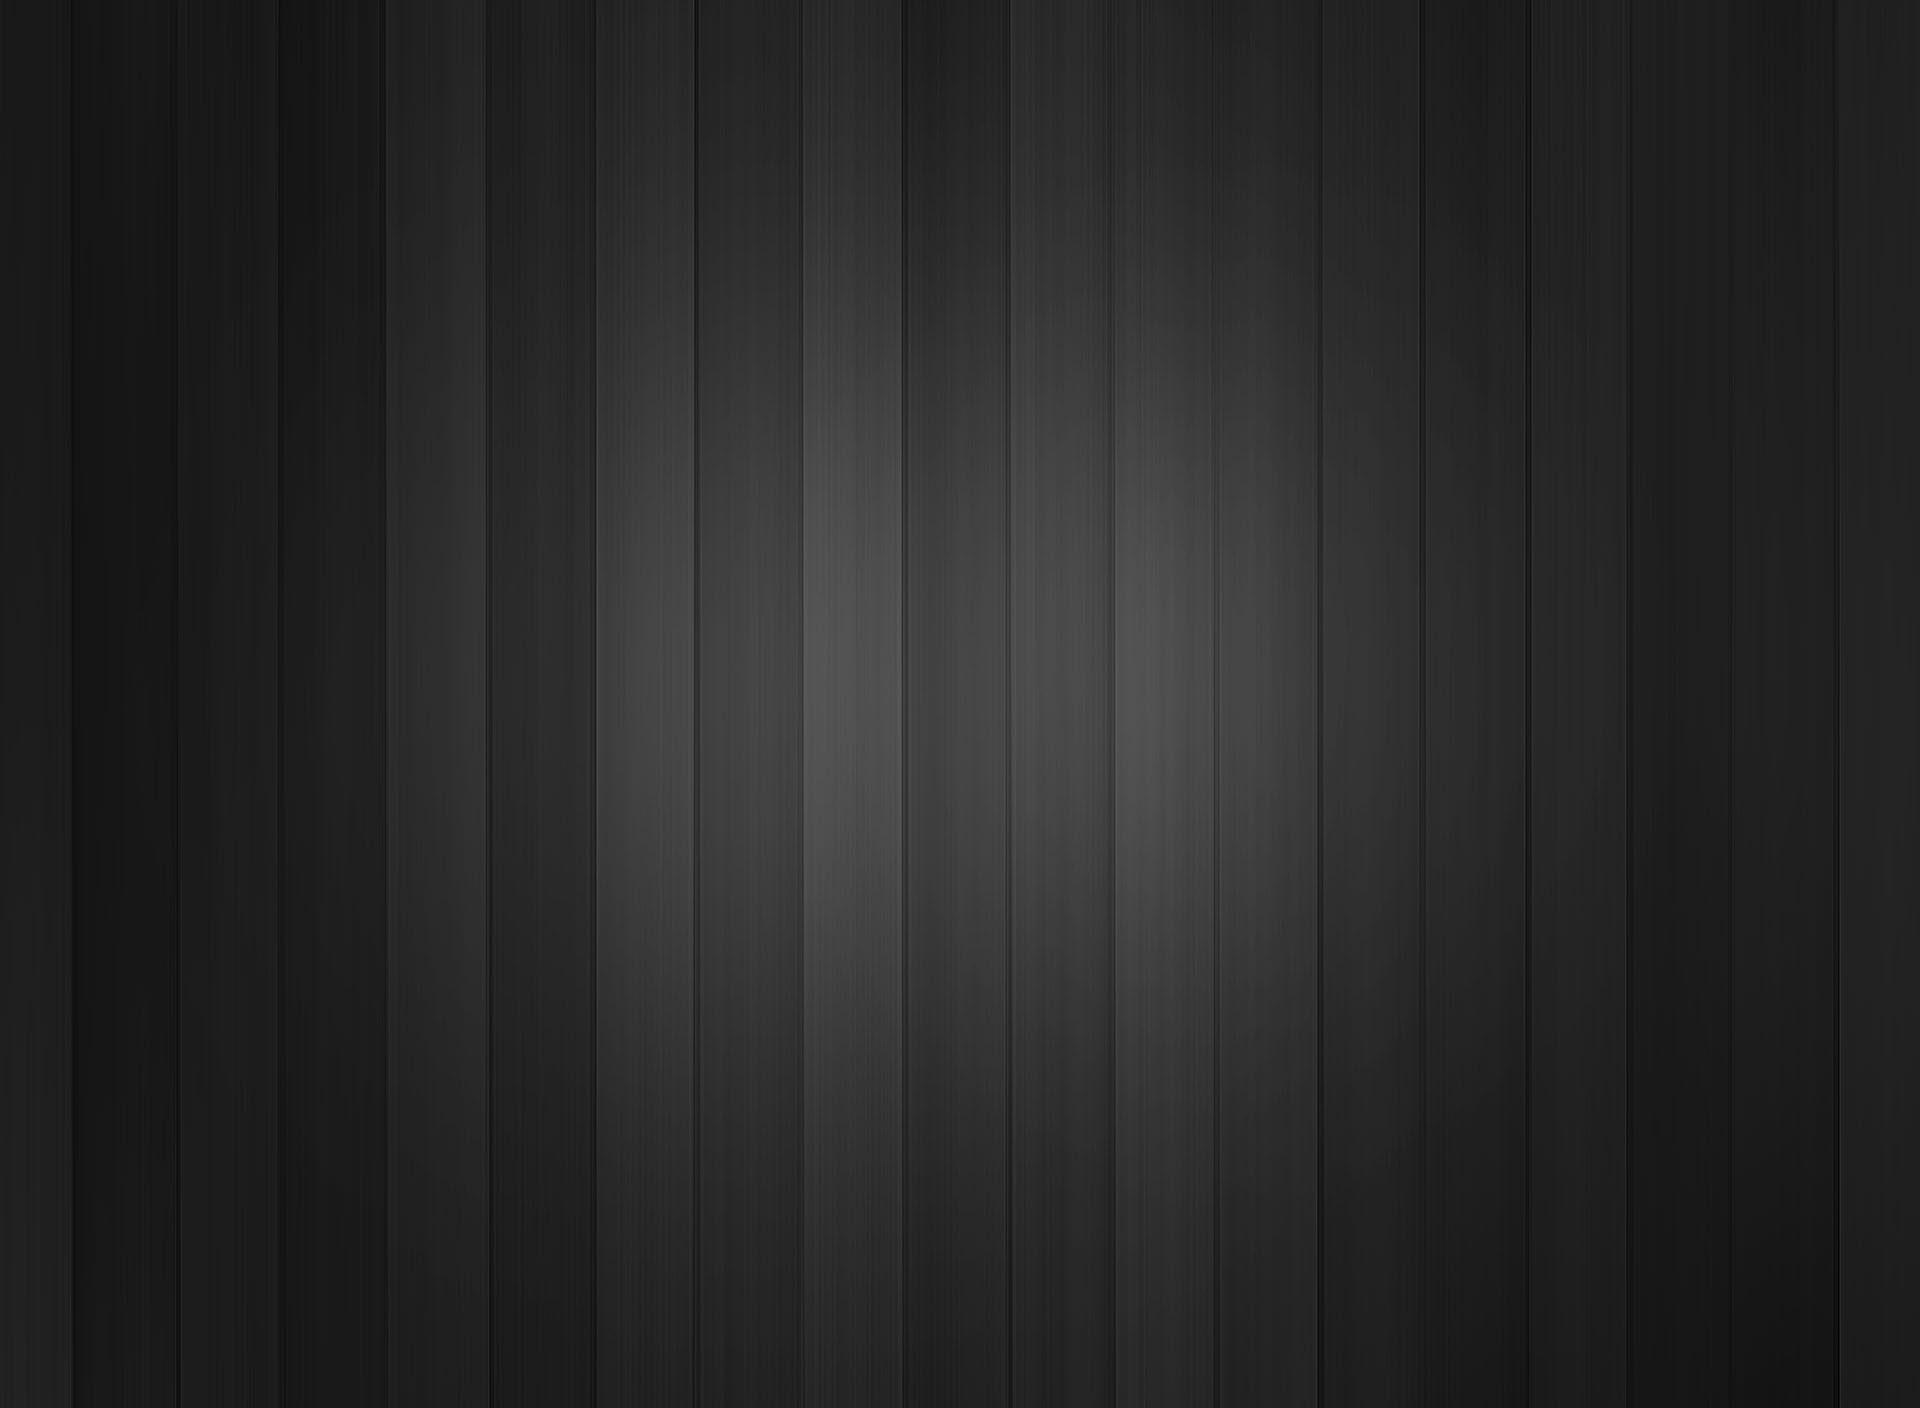 tablet wallpaper 018